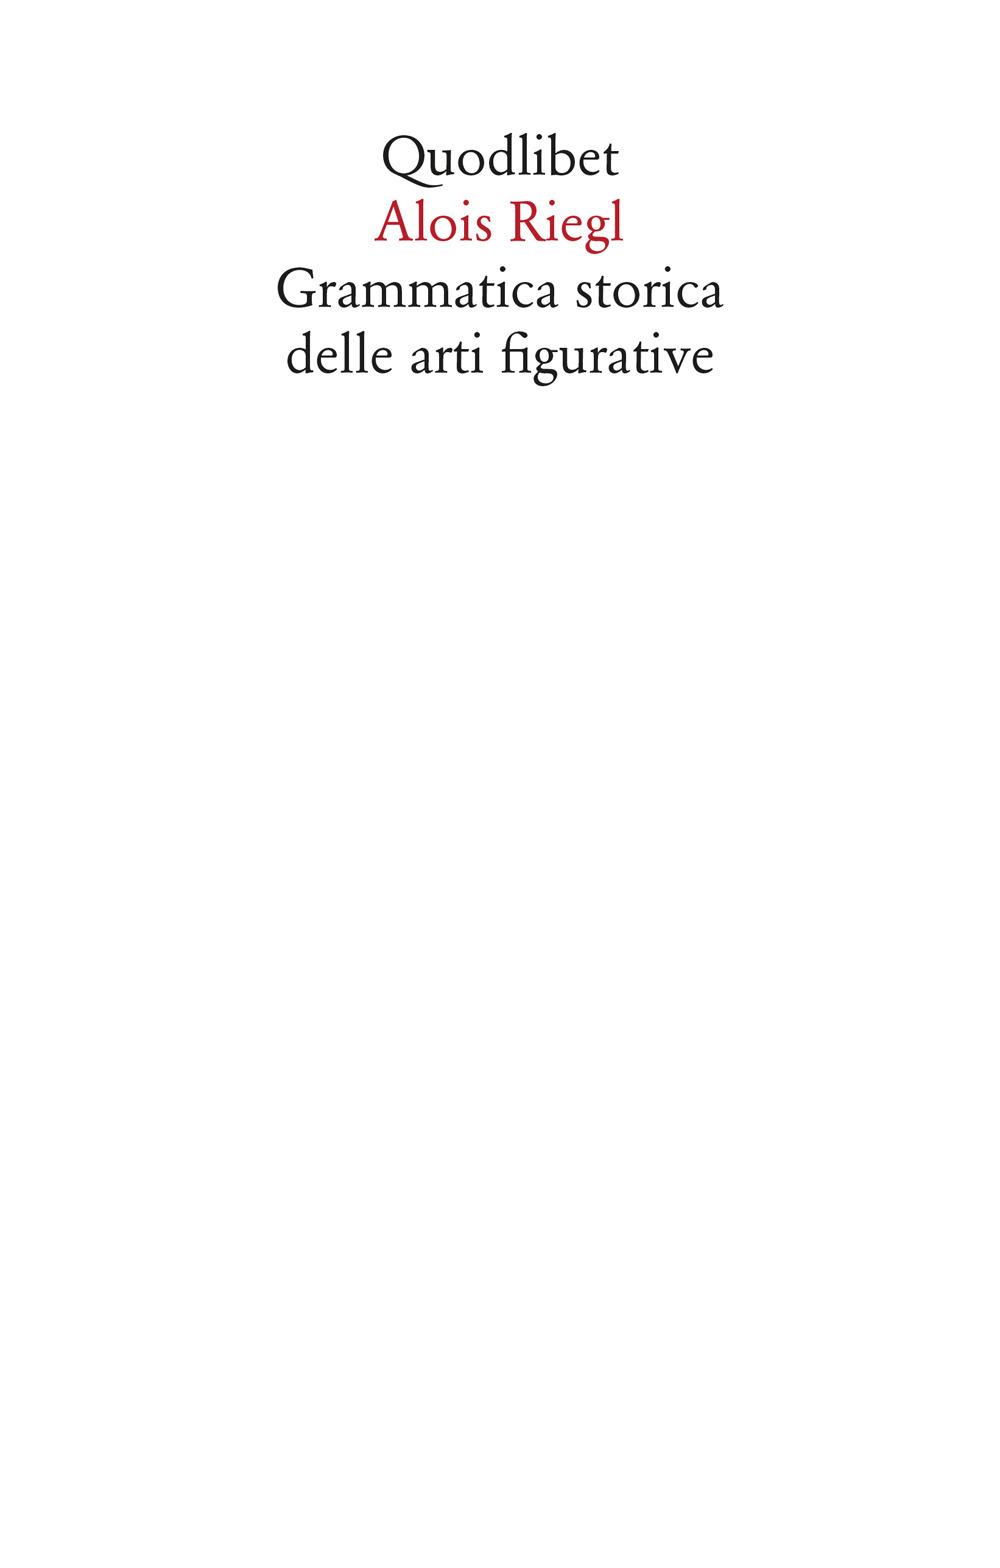 GRAMMATICA STORICA DELLE ARTI FIGURATIVE - 9788822904850